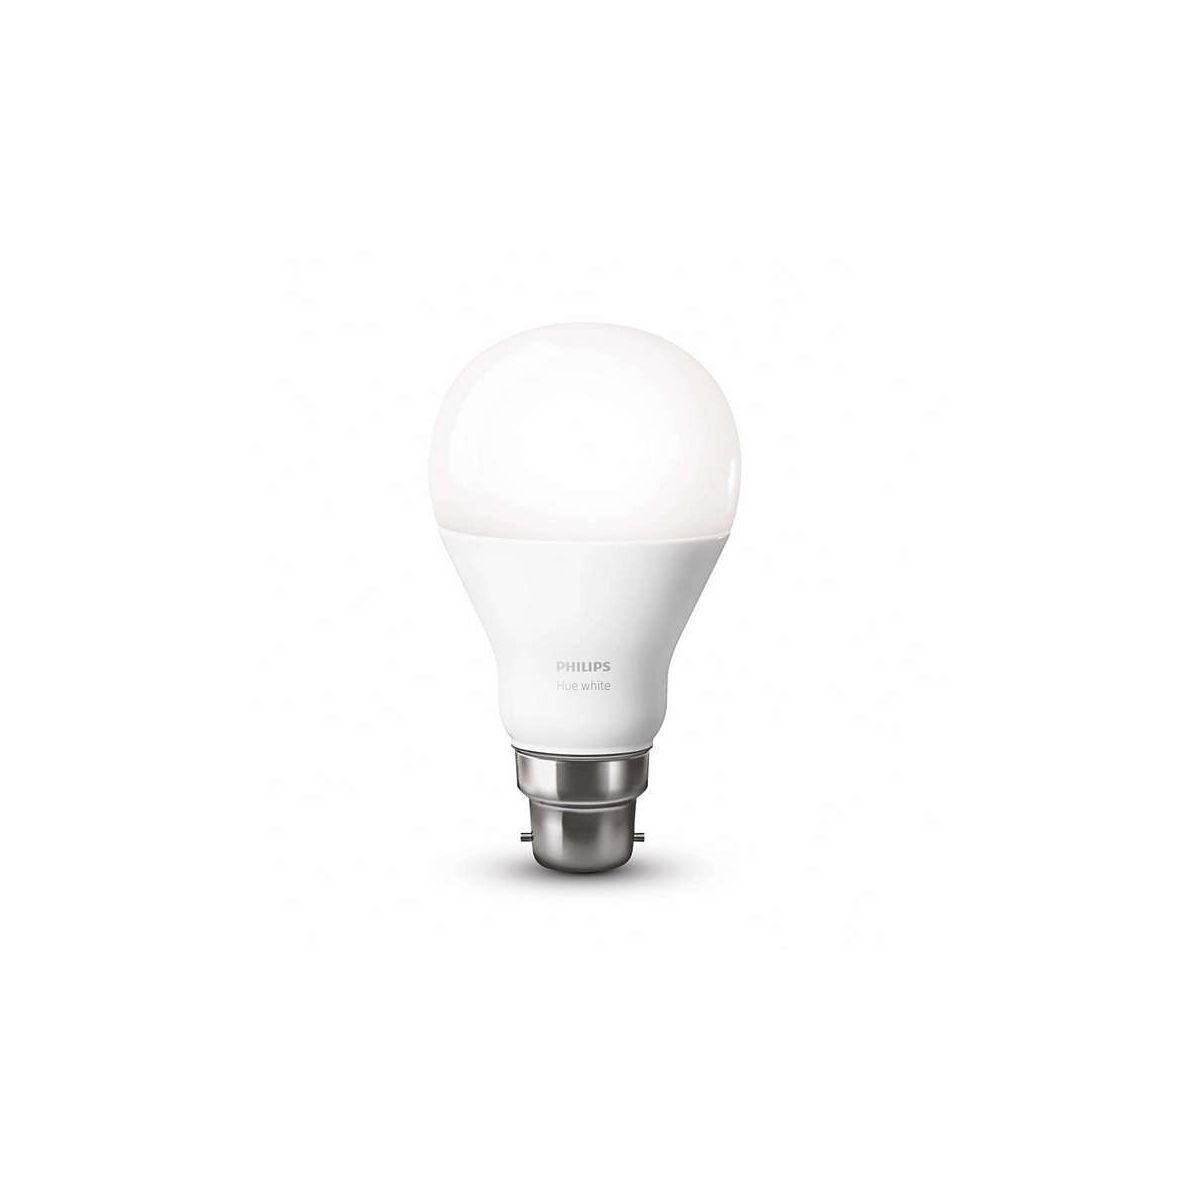 Ampoule connectable philips b22 hue white - 2% de remise imm�diate avec le code : school2 (photo)